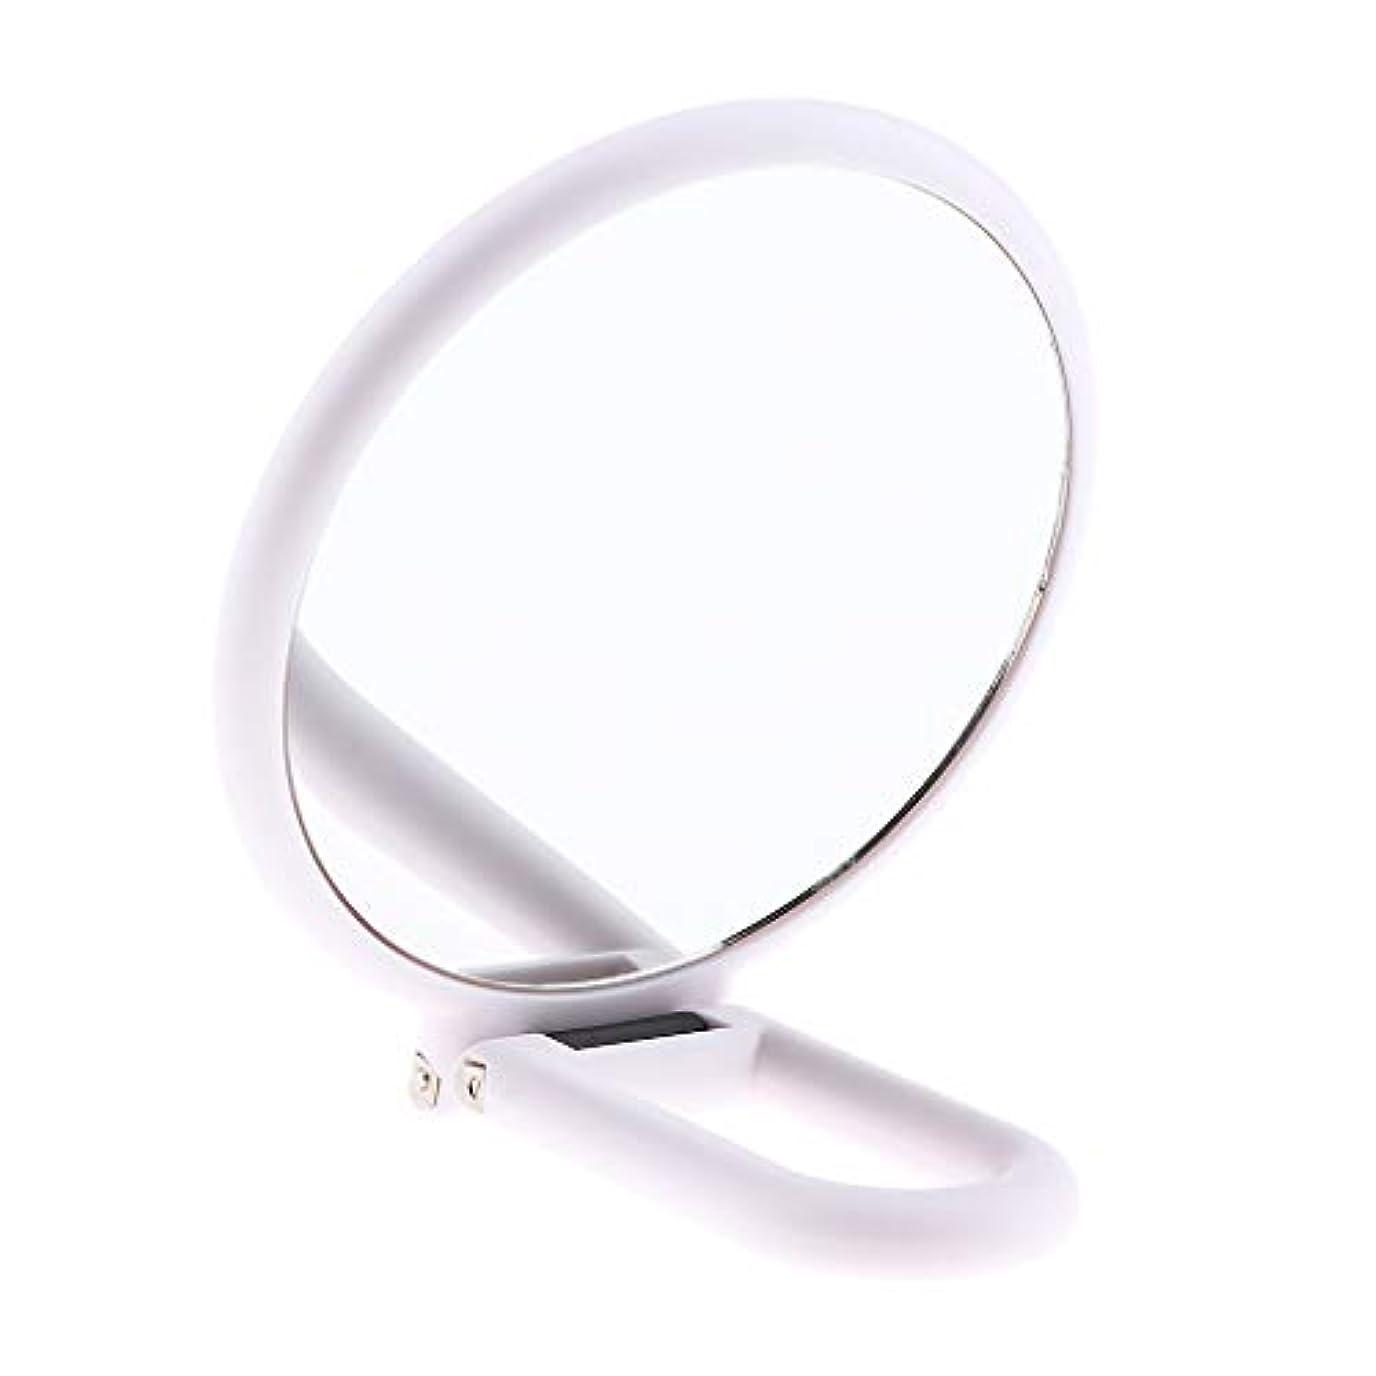 そしてディプロマ愚かPerfeclan 両面化粧鏡 ラウンド メイクアップミラー 化粧ミラー 折り畳み式 持ち運び 便利 全5選択 - 10倍